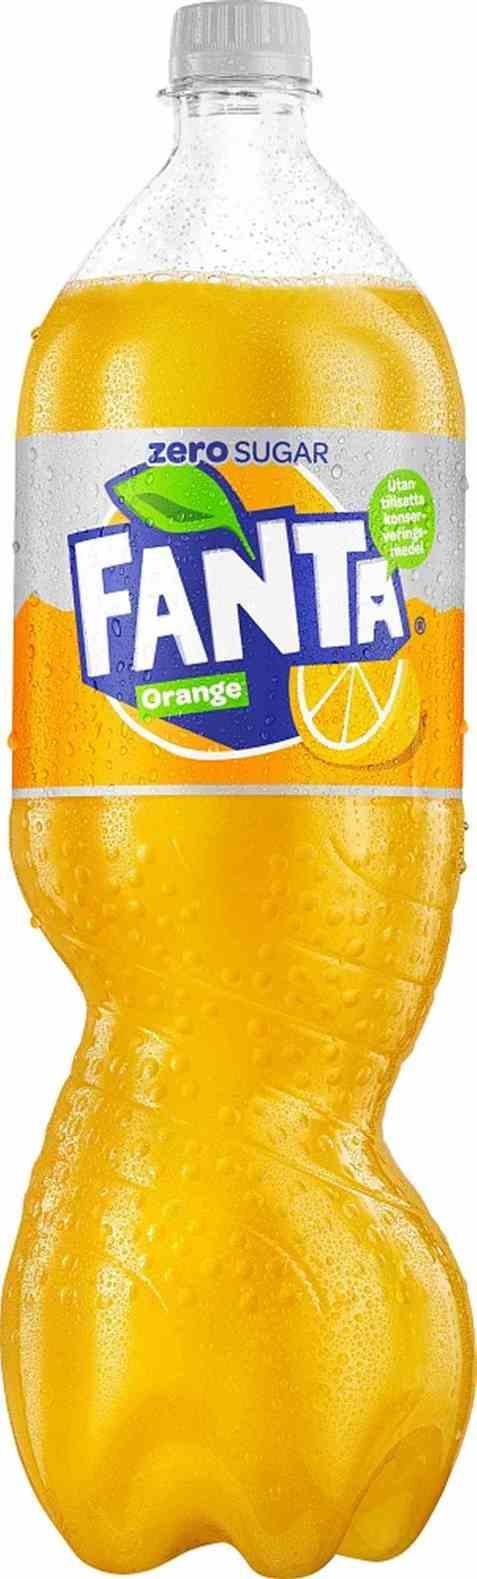 Bilde av Fanta Zero Orange 1,5 liter.